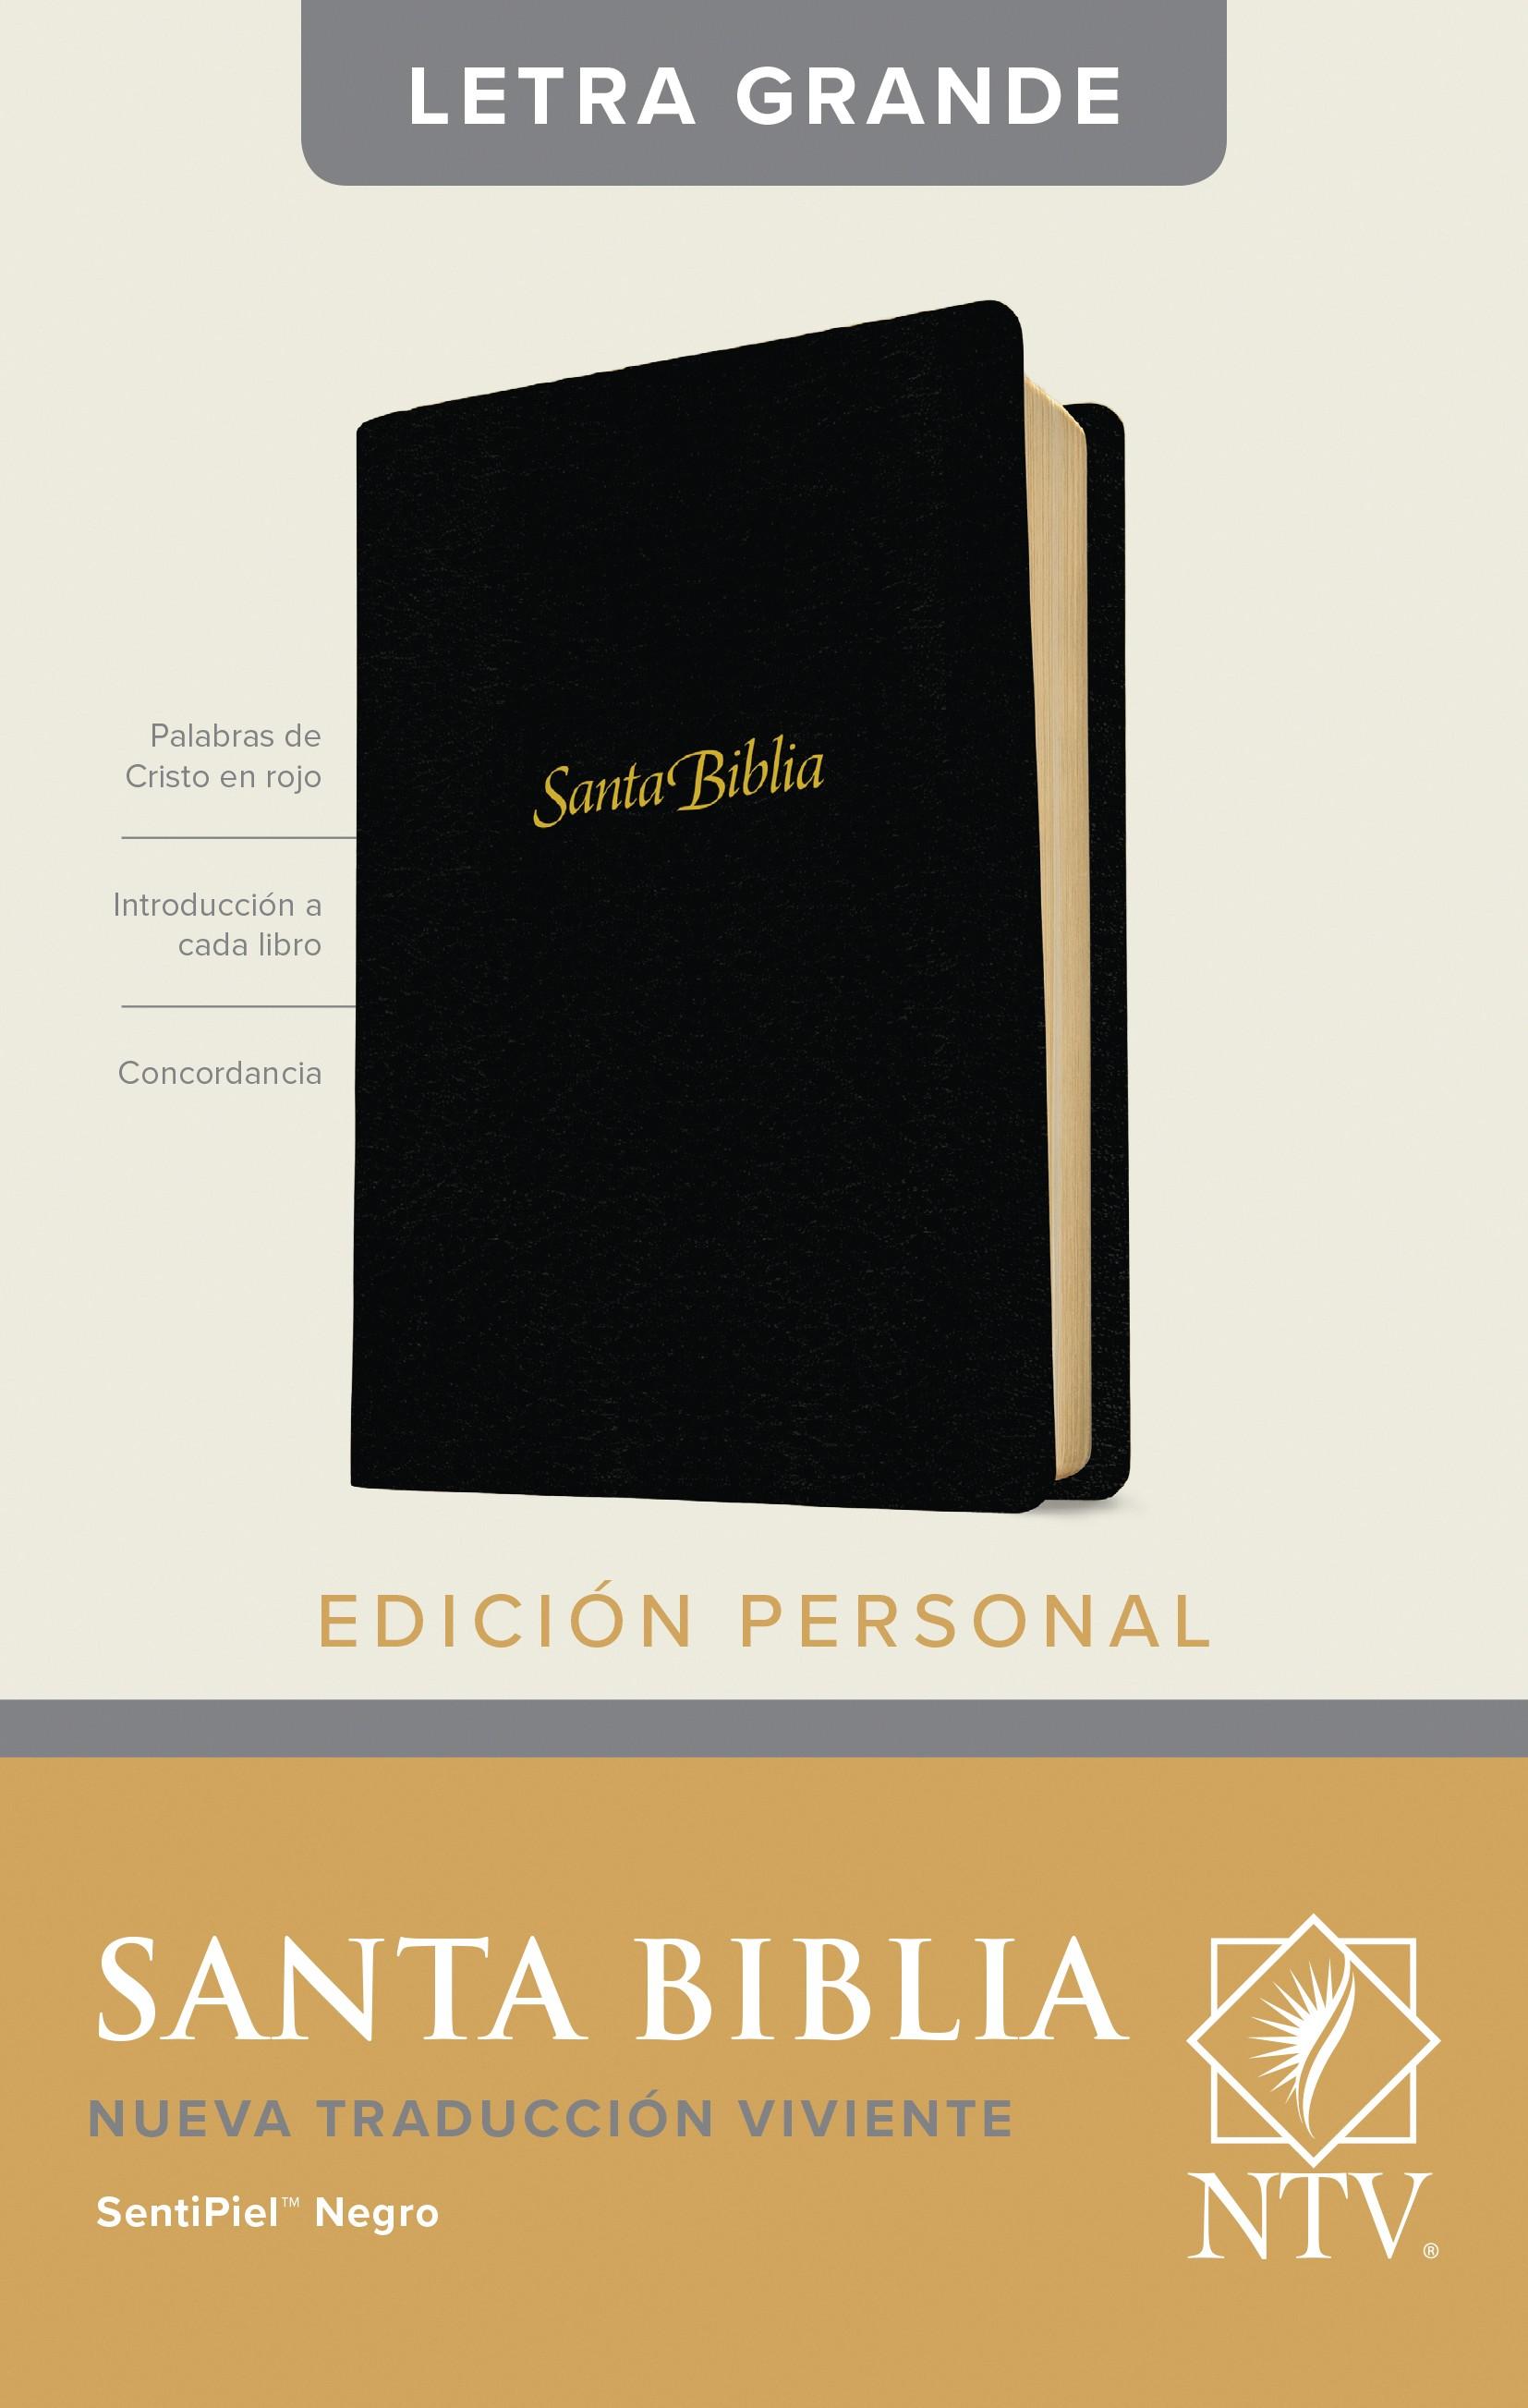 Santa Biblia NTV, Edición personal, letra grande (Letra Roja, SentiPiel, Negro)